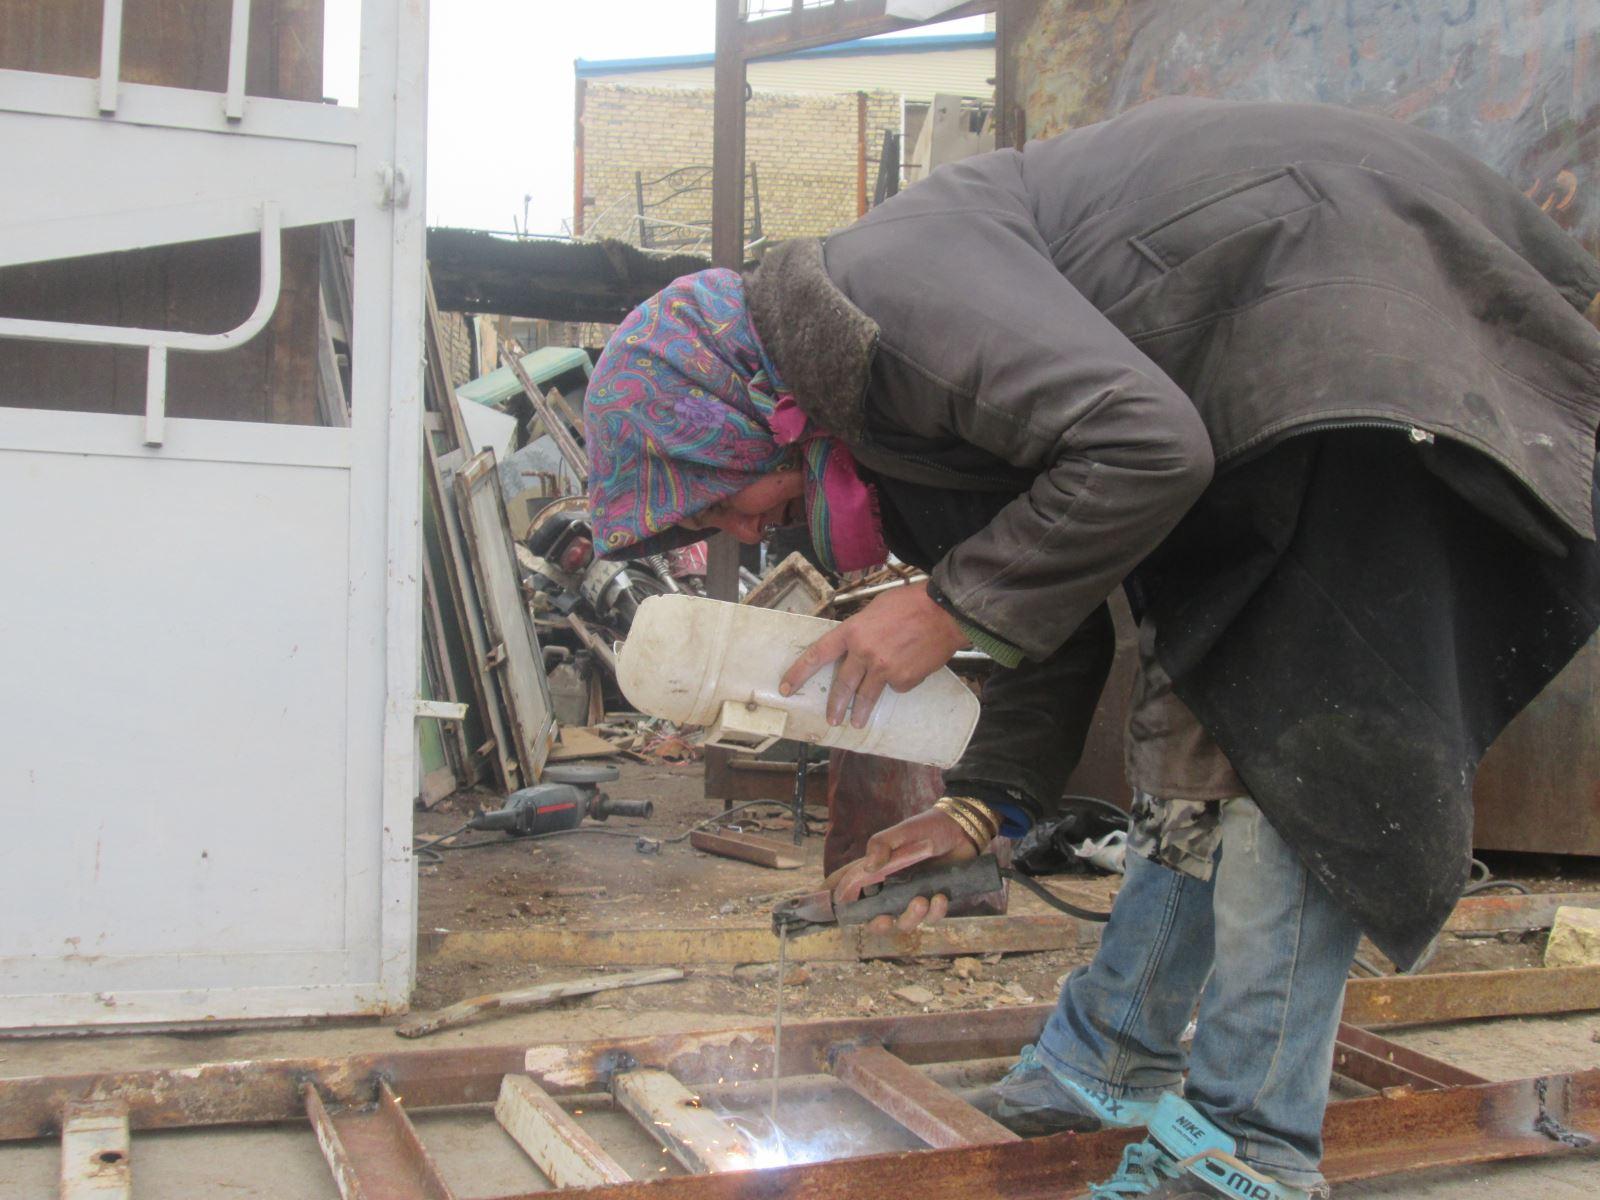 کسب روزی حلال یک آهنگر زن در مصاف با آهن سرد